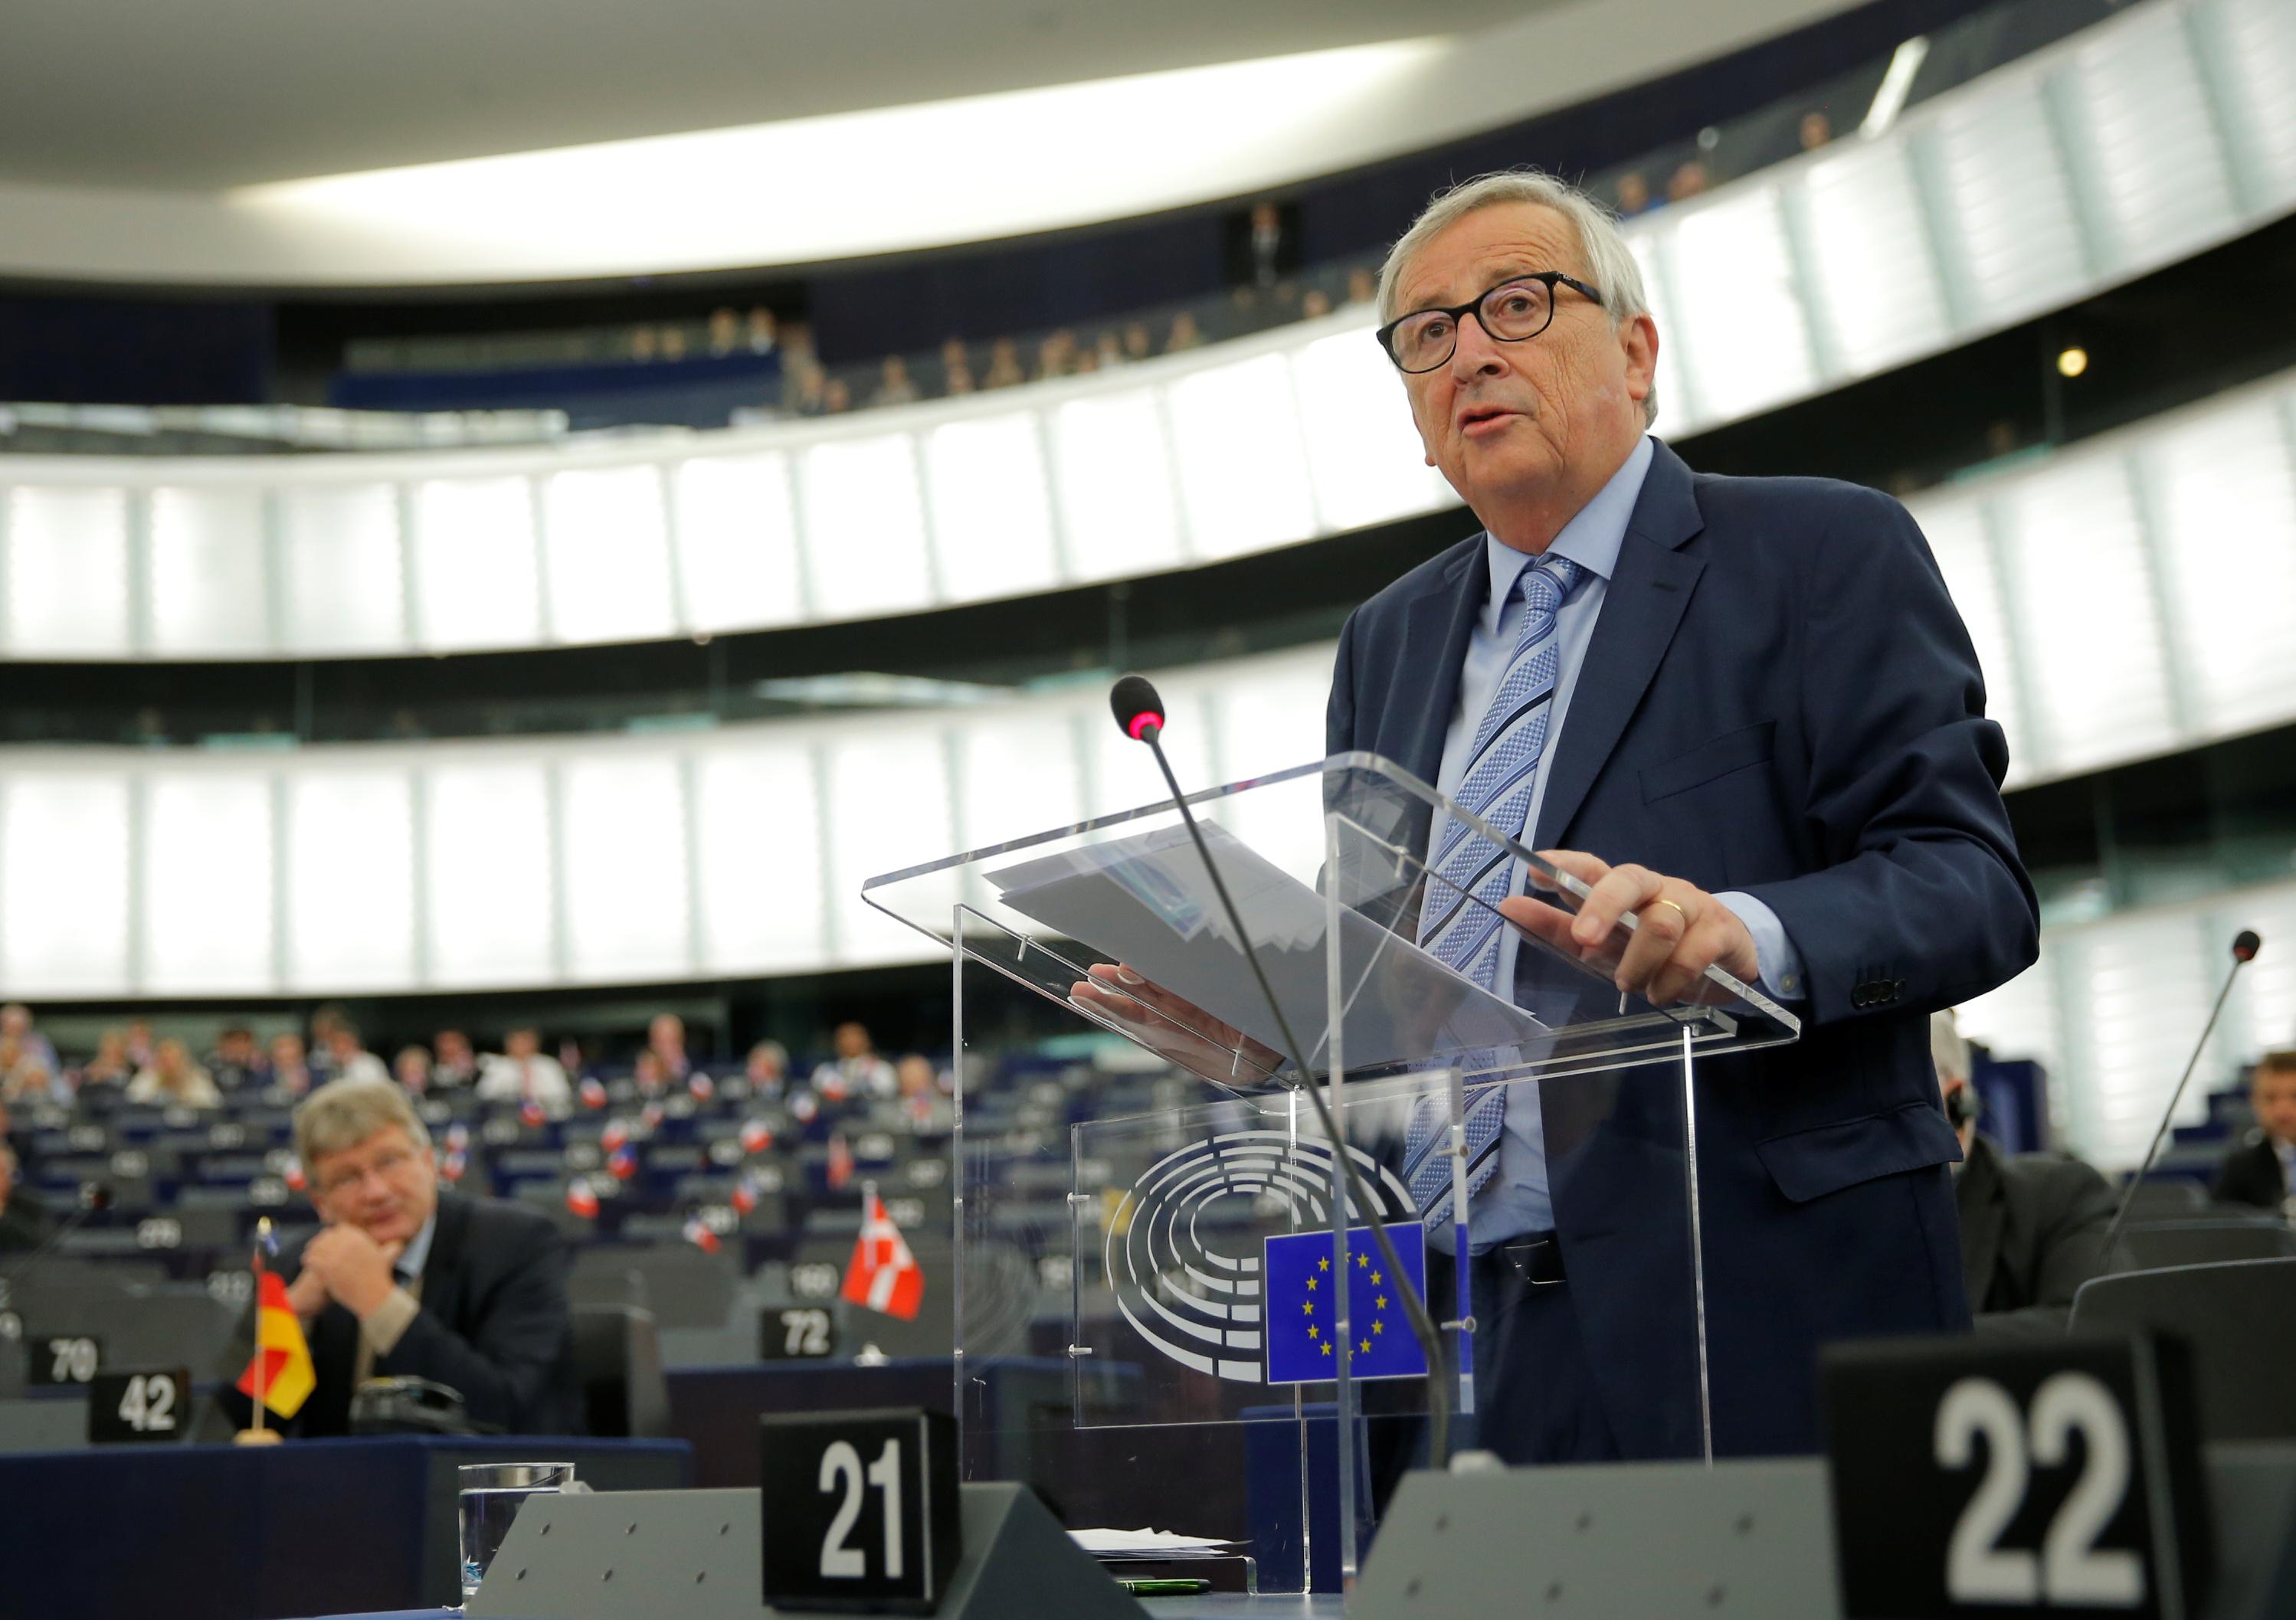 """Αποκαλυπτικός στο """"αντίο"""" του ο Γιούνκερ! """"Οι Ευρωπαίοι ηγέτες δεν ήθελαν να ασχοληθώ με την ελληνική κρίση"""""""